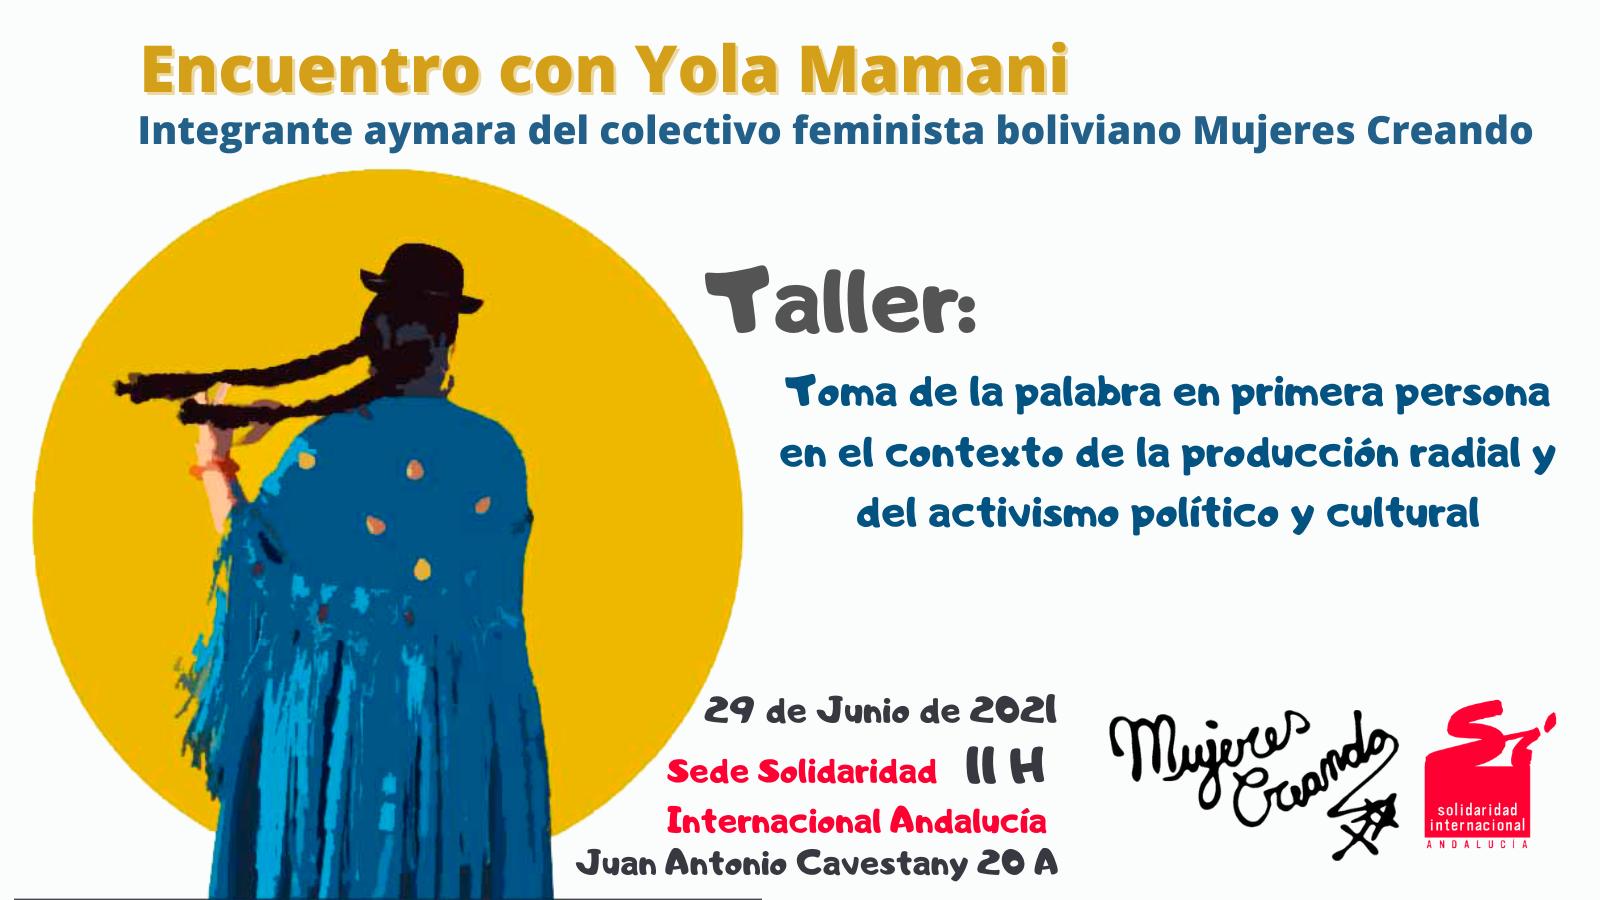 Taller: Toma la palabra en primera persona con la activista aymara Yola Mamani